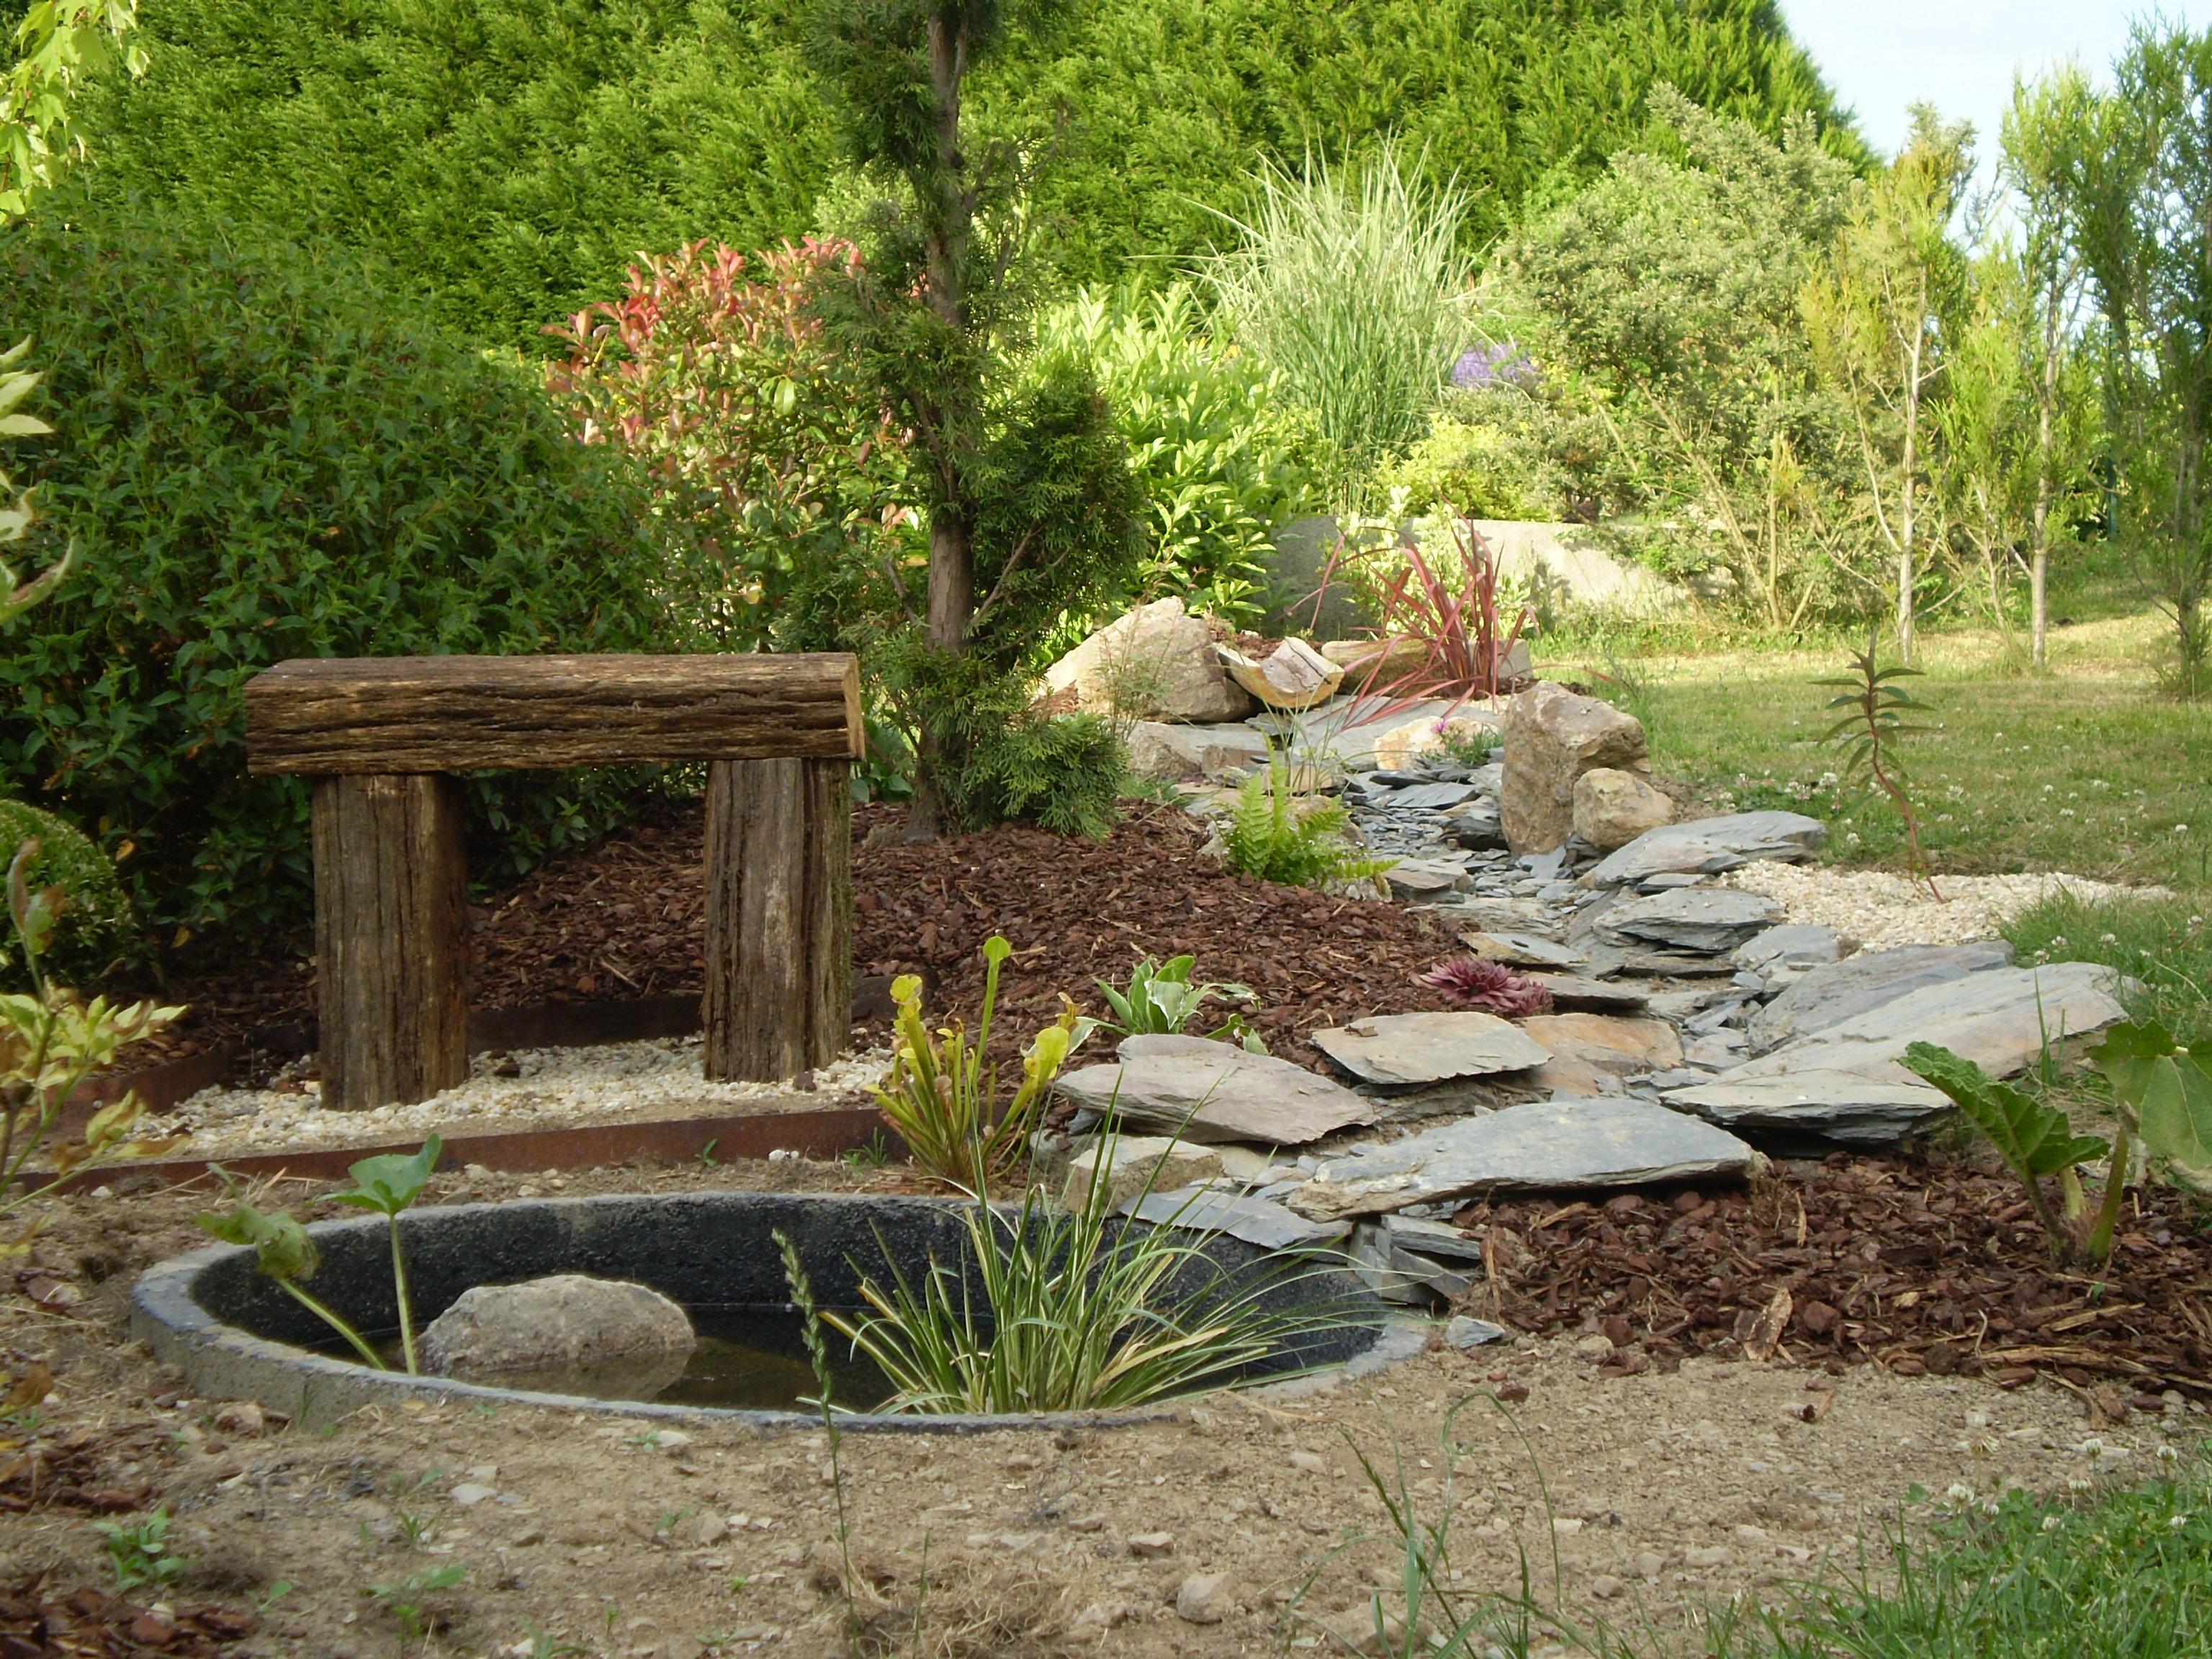 4 moyens d introduire votre plan d eau au jardin jardinier conseil. Black Bedroom Furniture Sets. Home Design Ideas